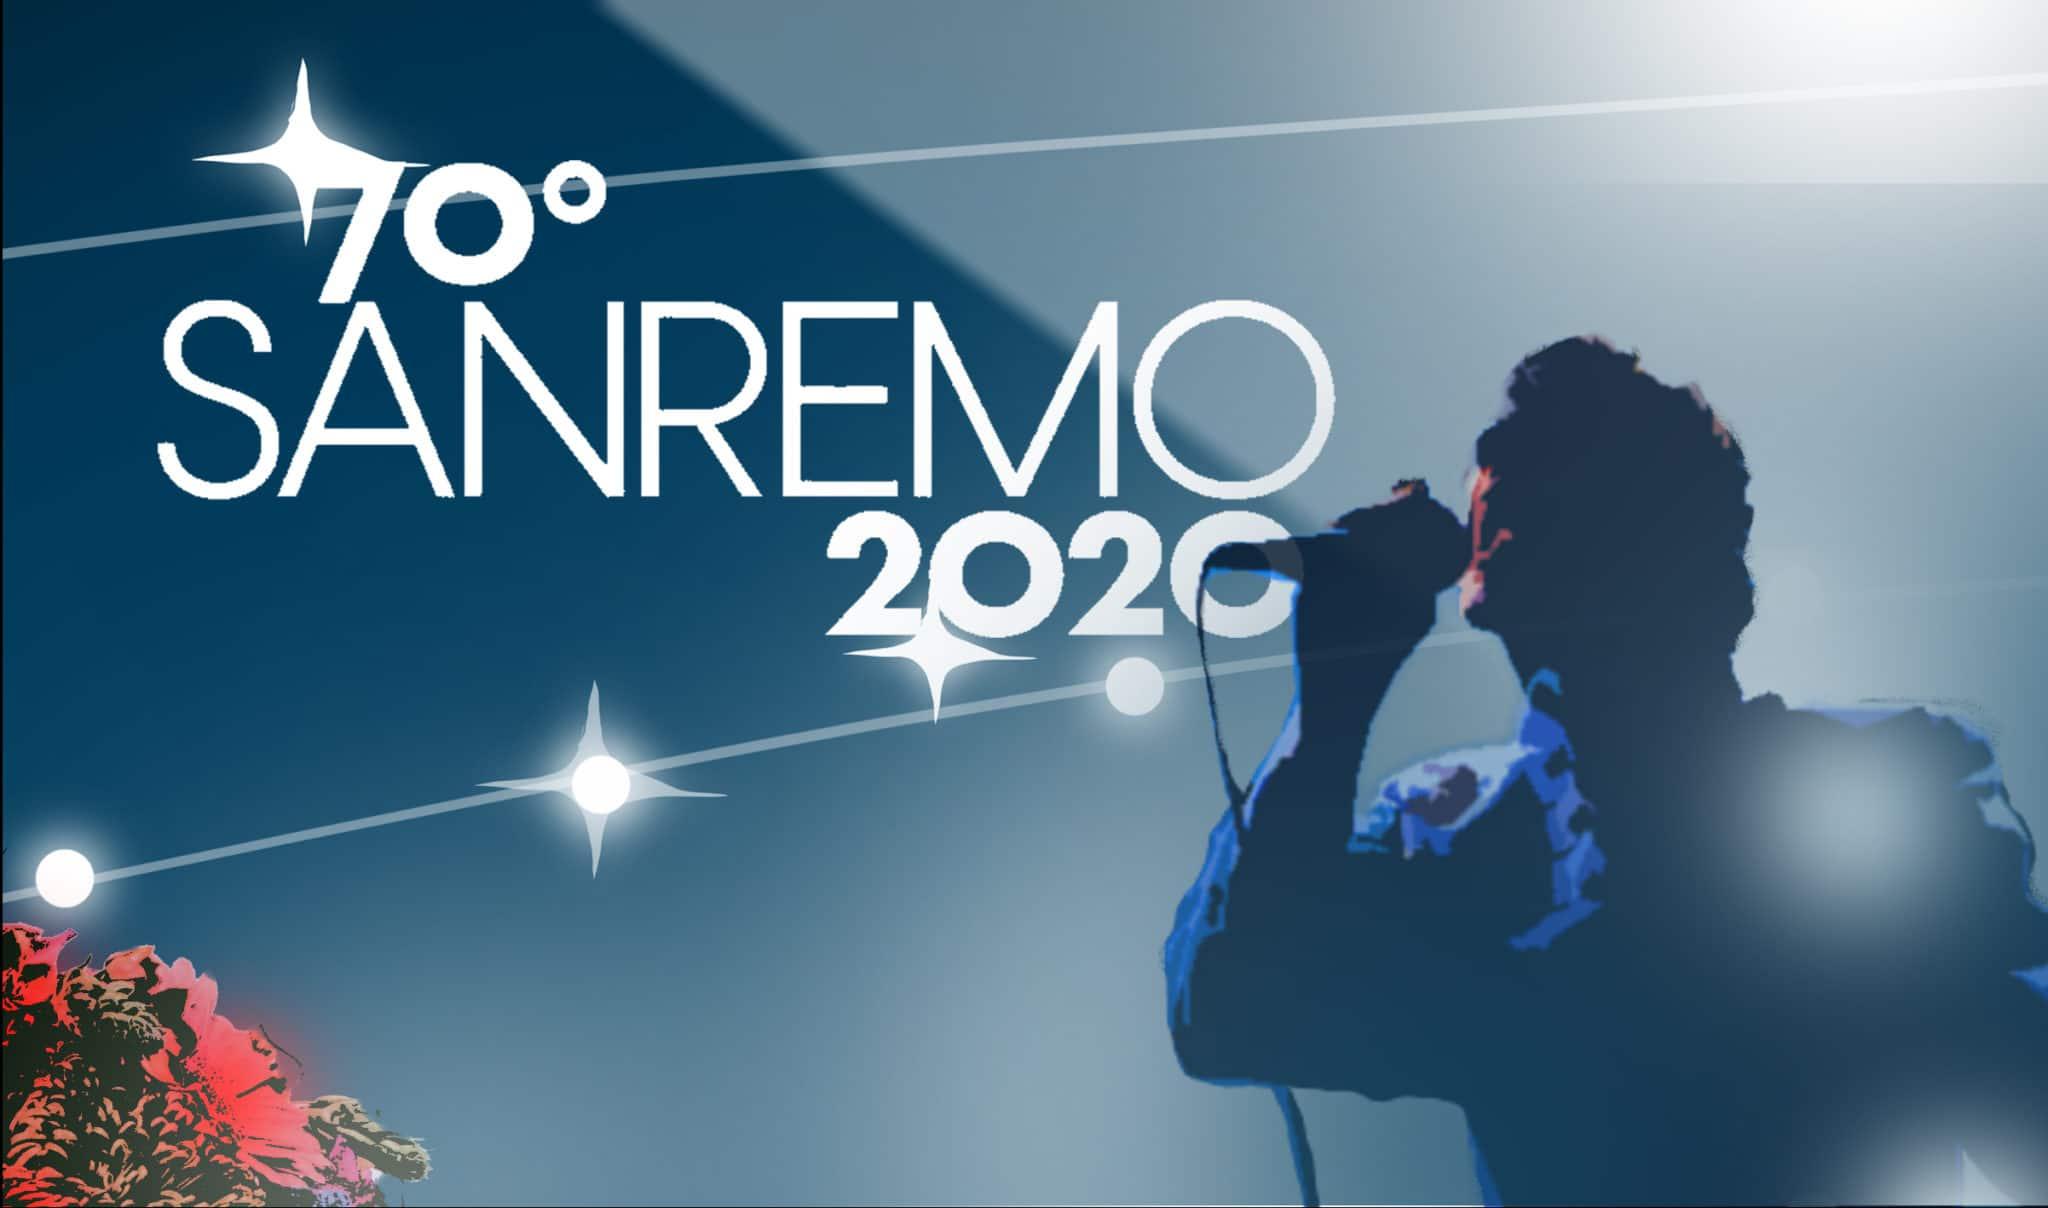 Festival Sanremo: chi è il cantante più cercato? thumbnail